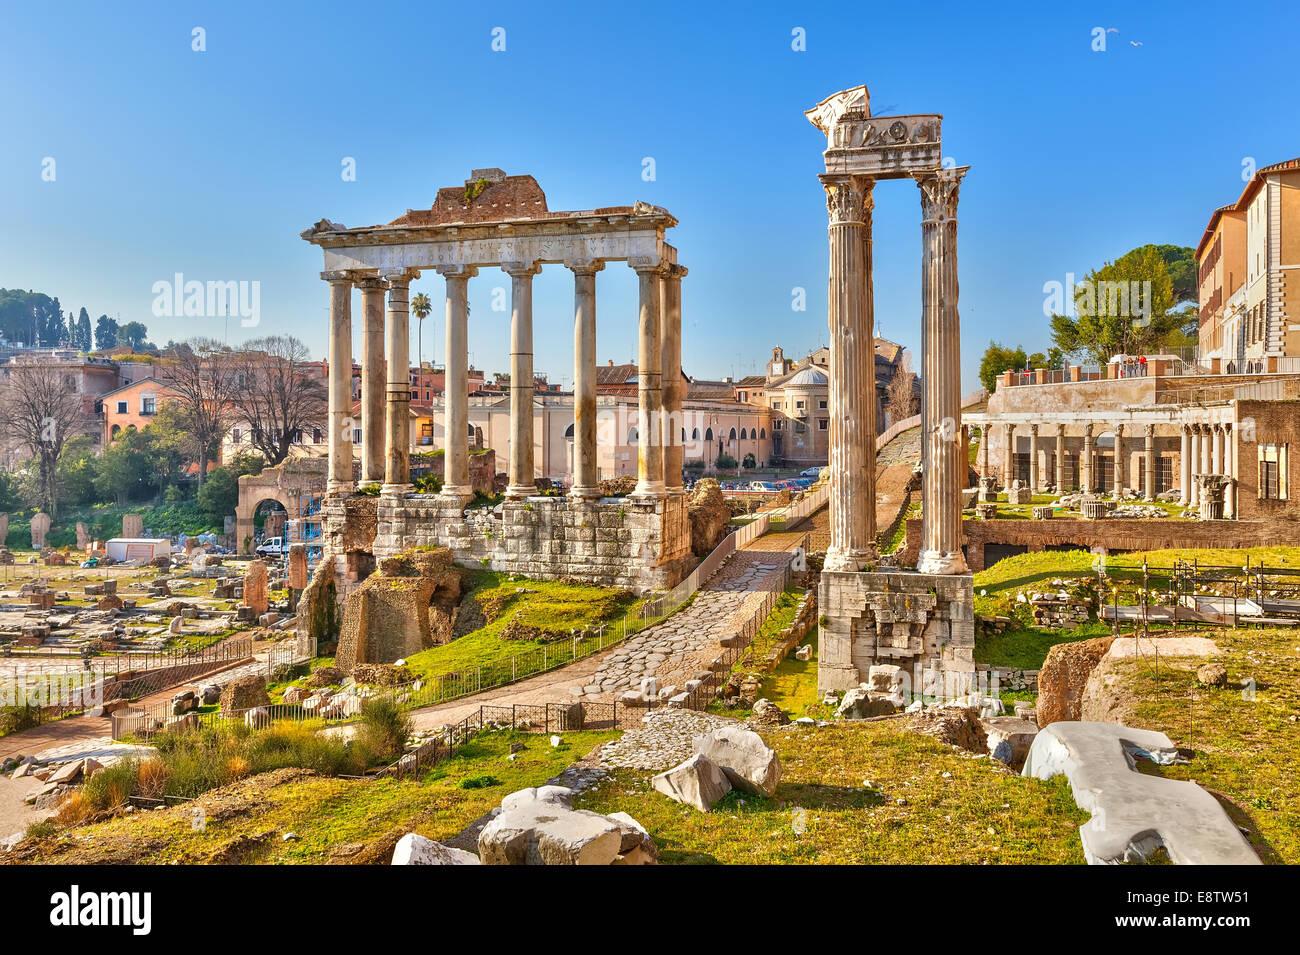 Ruinas Romanas en Roma, Foro Imagen De Stock